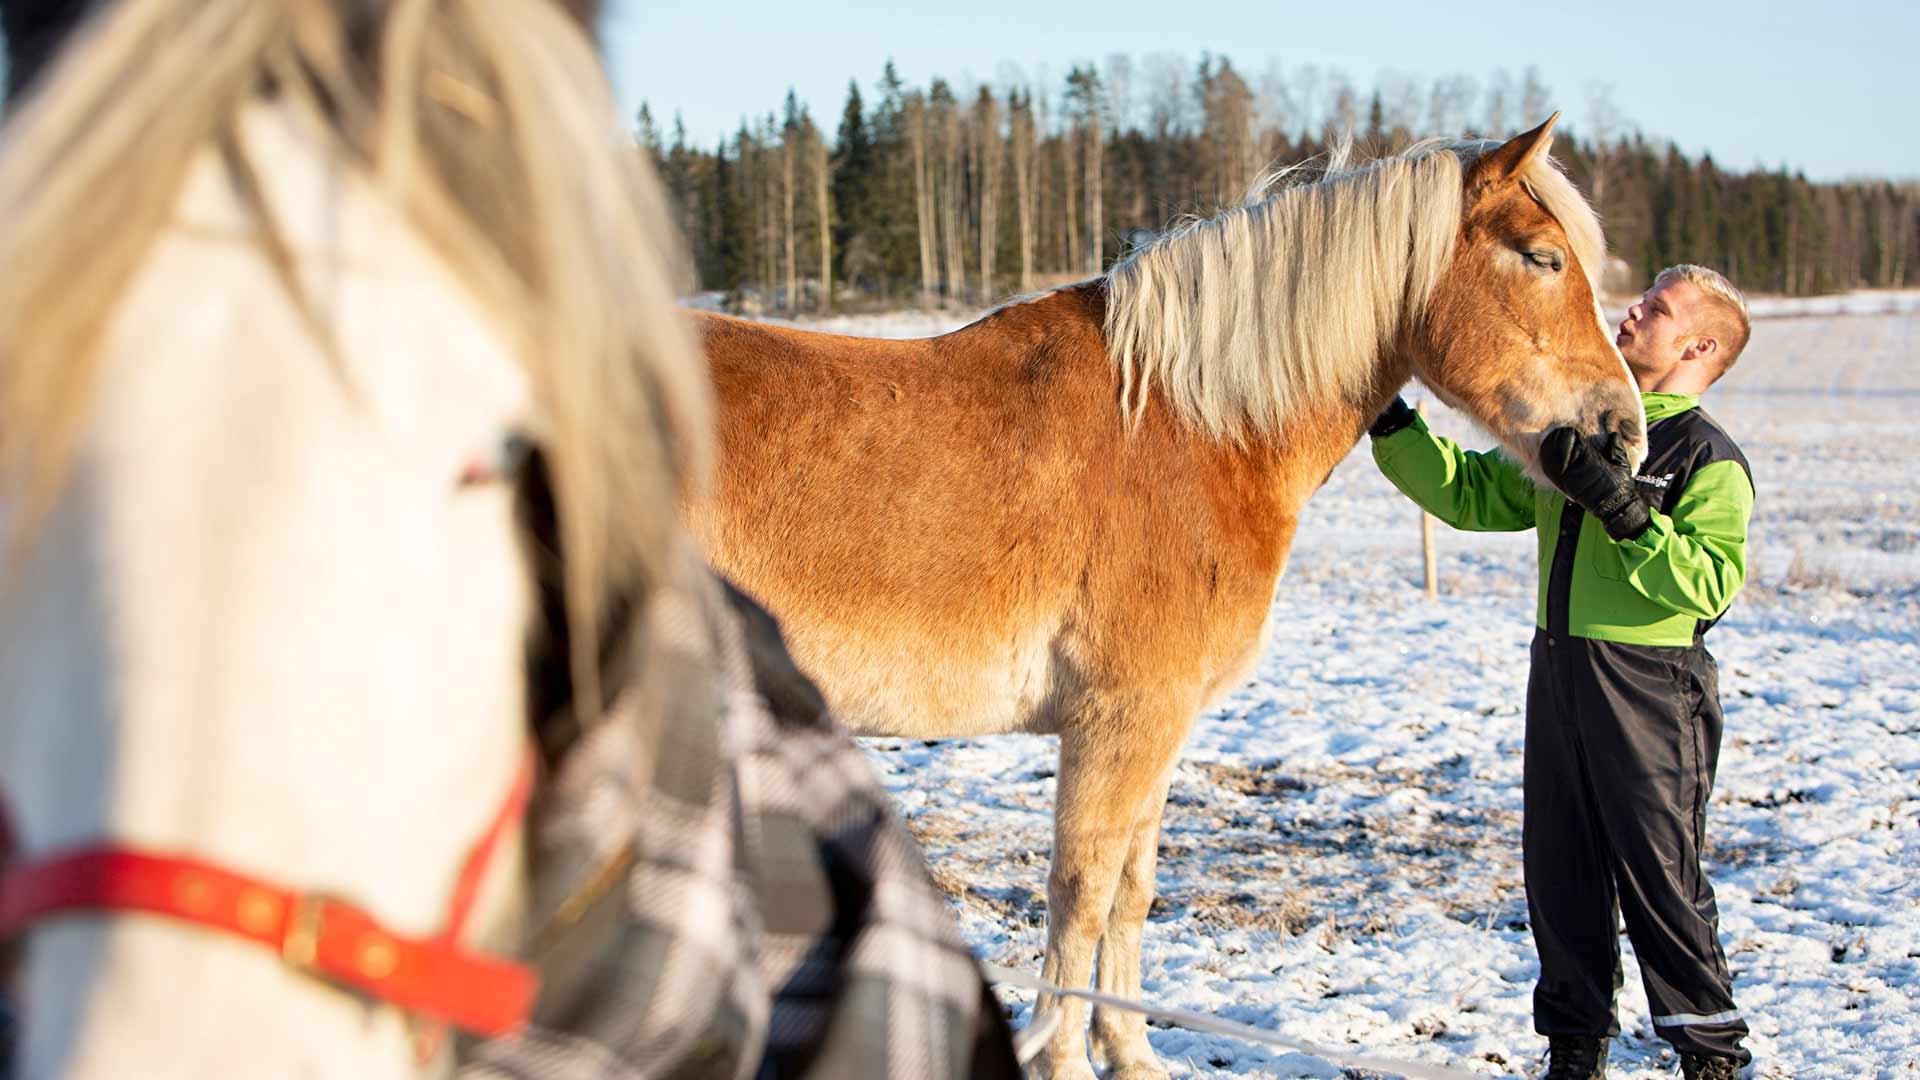 Aki Samuli suunnittelee hakevansa ennen jouluaattoa omasta metsästä valitsemansa kuusen Kauko-suomenhevosella. Hän aikoo järjestää läheisilleen perinteisen puurojuhlan ennen pyhiä.